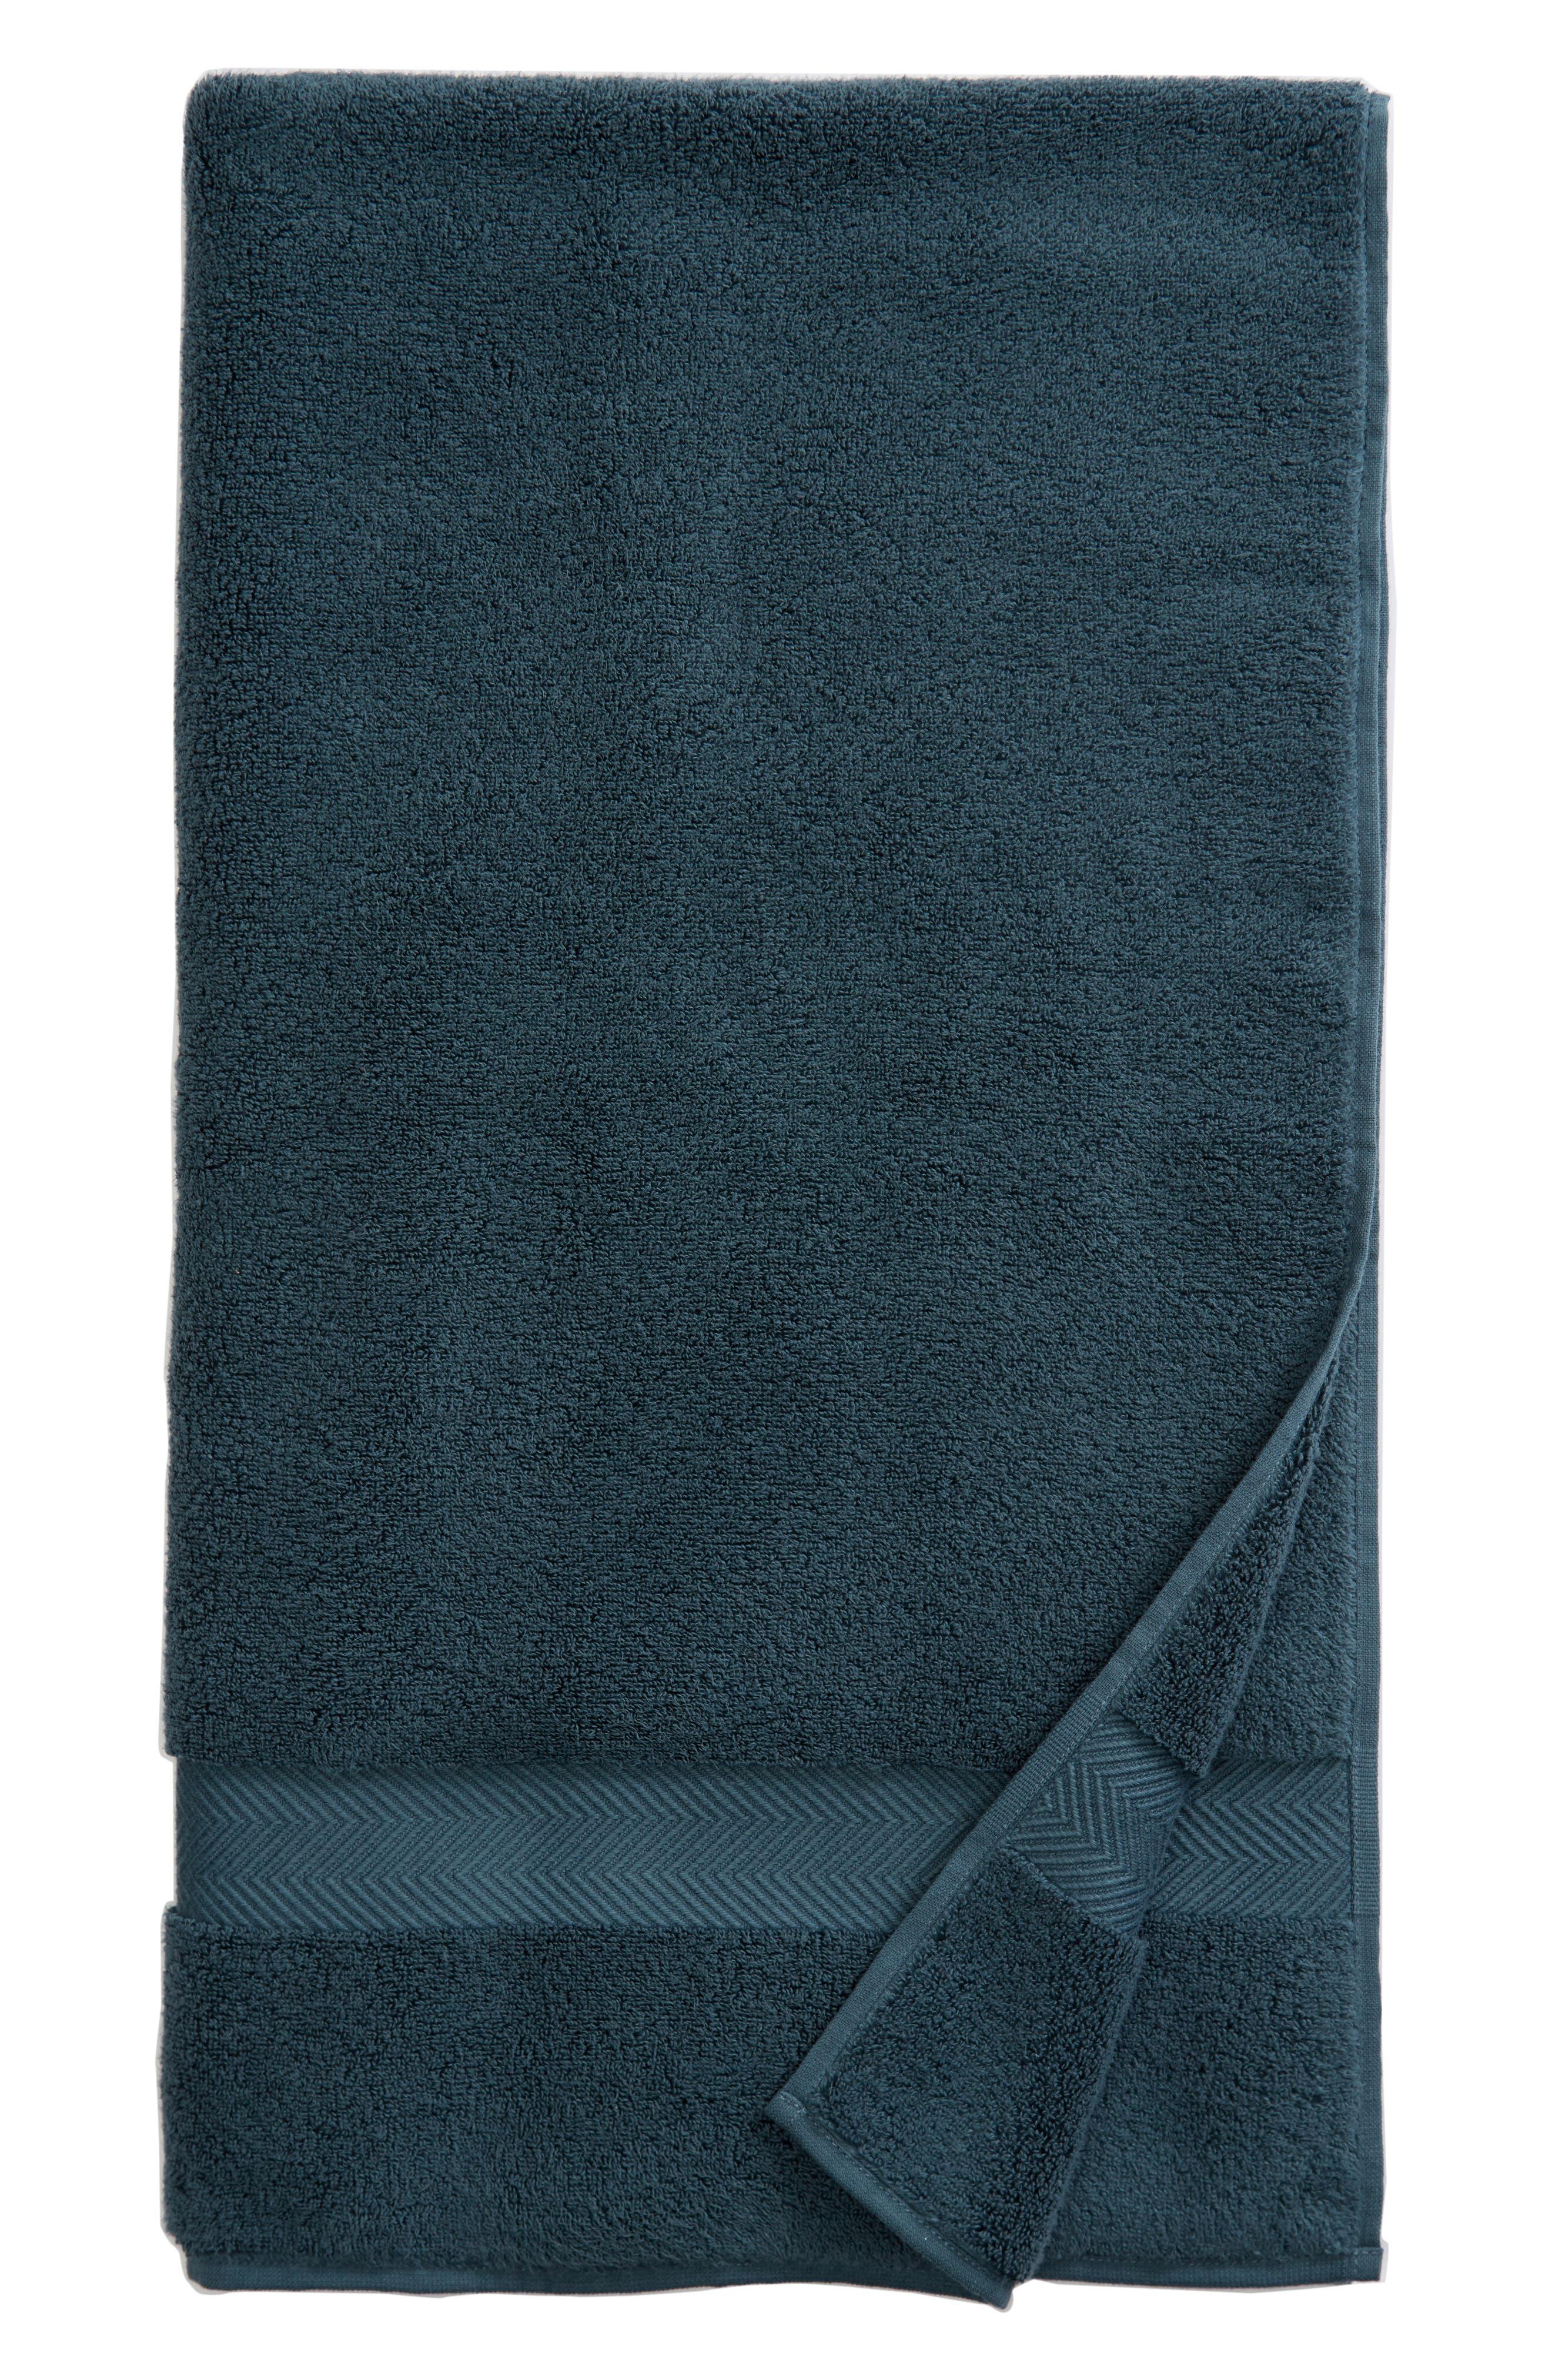 Hydrocotton Bath Towel,                         Main,                         color, NO_COLOR